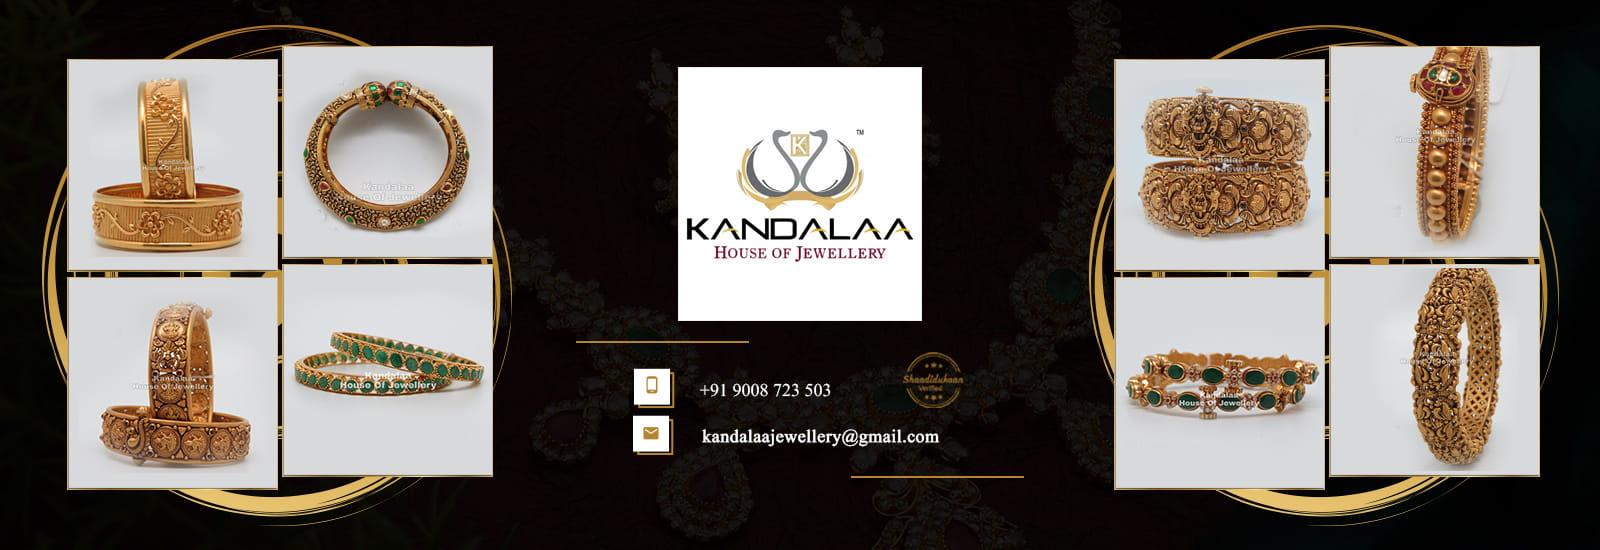 kandalaa